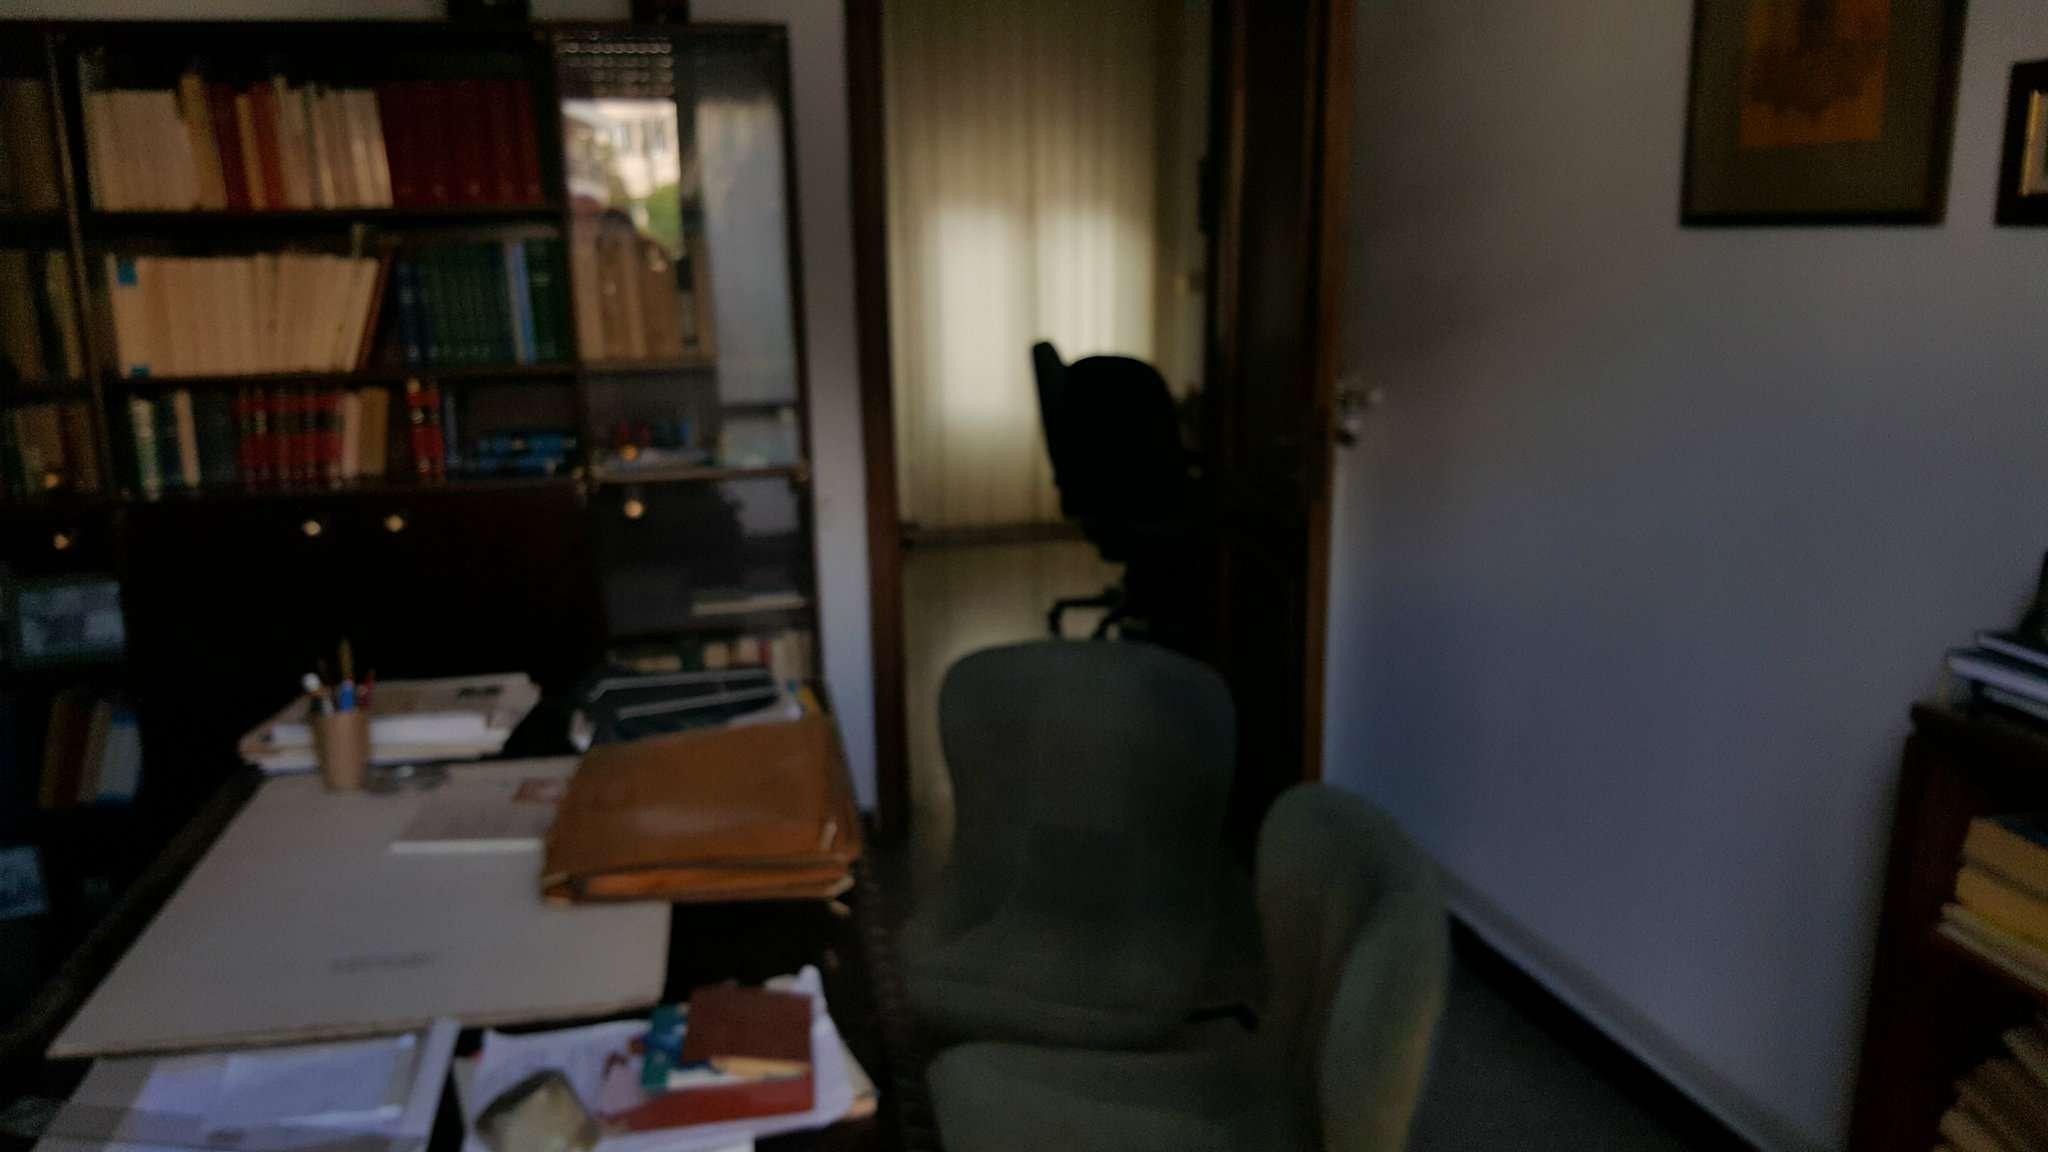 Affitto Stanza Ufficio Milano Tribunale : Ufficio studio in affitto a genova via bertora trovocasa